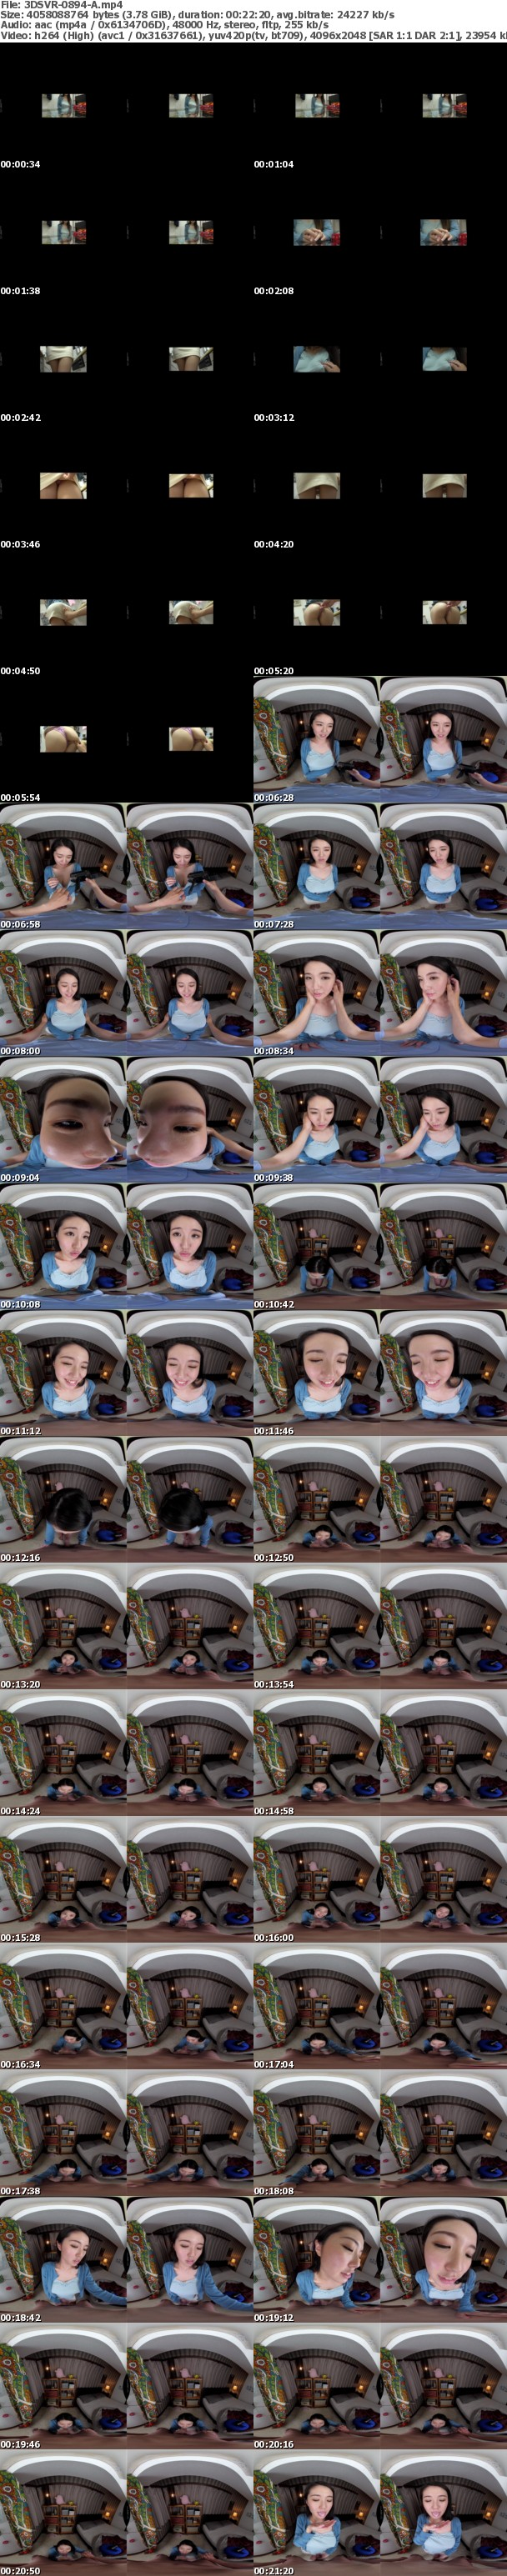 (VR) 3DSVR-0894 【個撮】足立区住み爆乳スレンダー若妻 ひかりさん(28)普段旦那と寝ている自宅ベッドに他人棒を迎え入れ生中出し